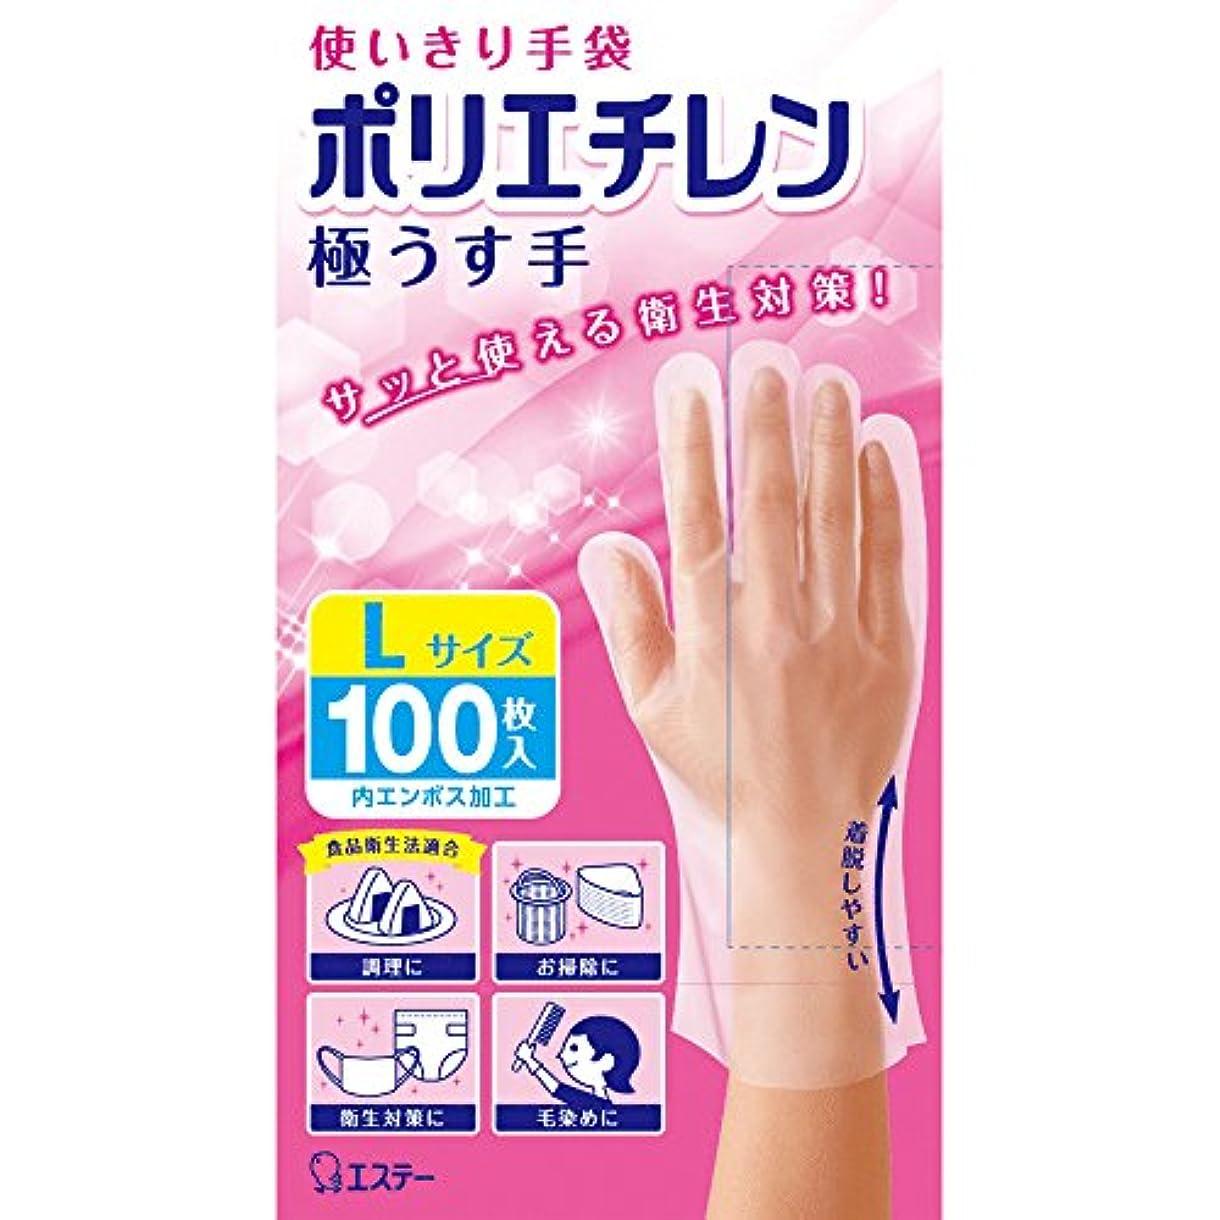 ロック解除制限変色する使いきり手袋 ポリエチレン 極うす手 Lサイズ 半透明 100枚